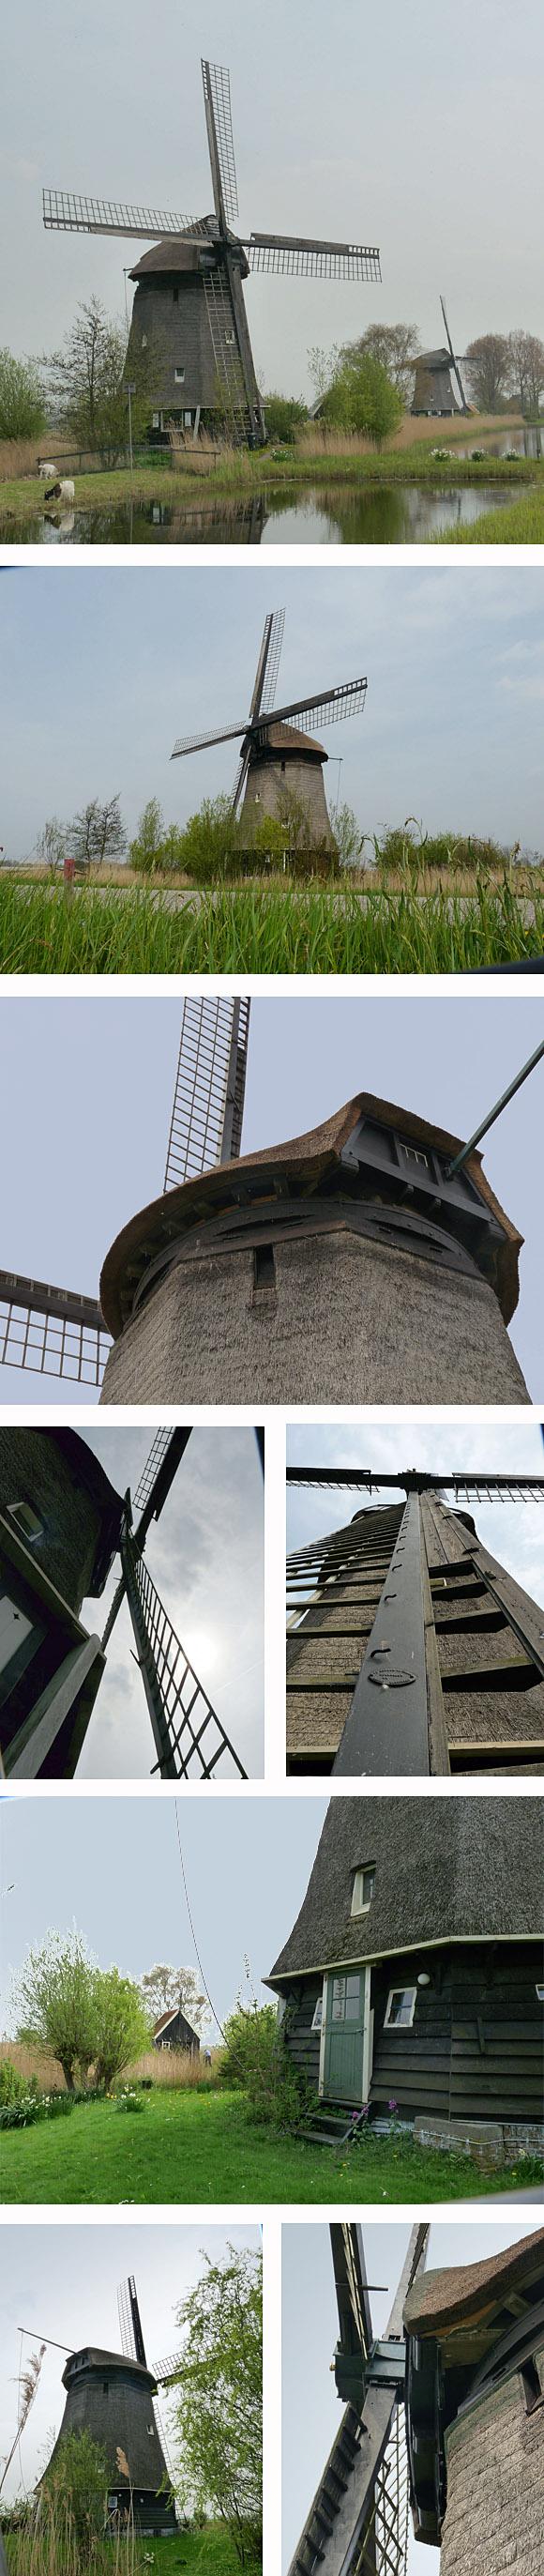 Strijkmolen K, Rustenburg, Foto's: Gerard Roomer (28-4-2010).